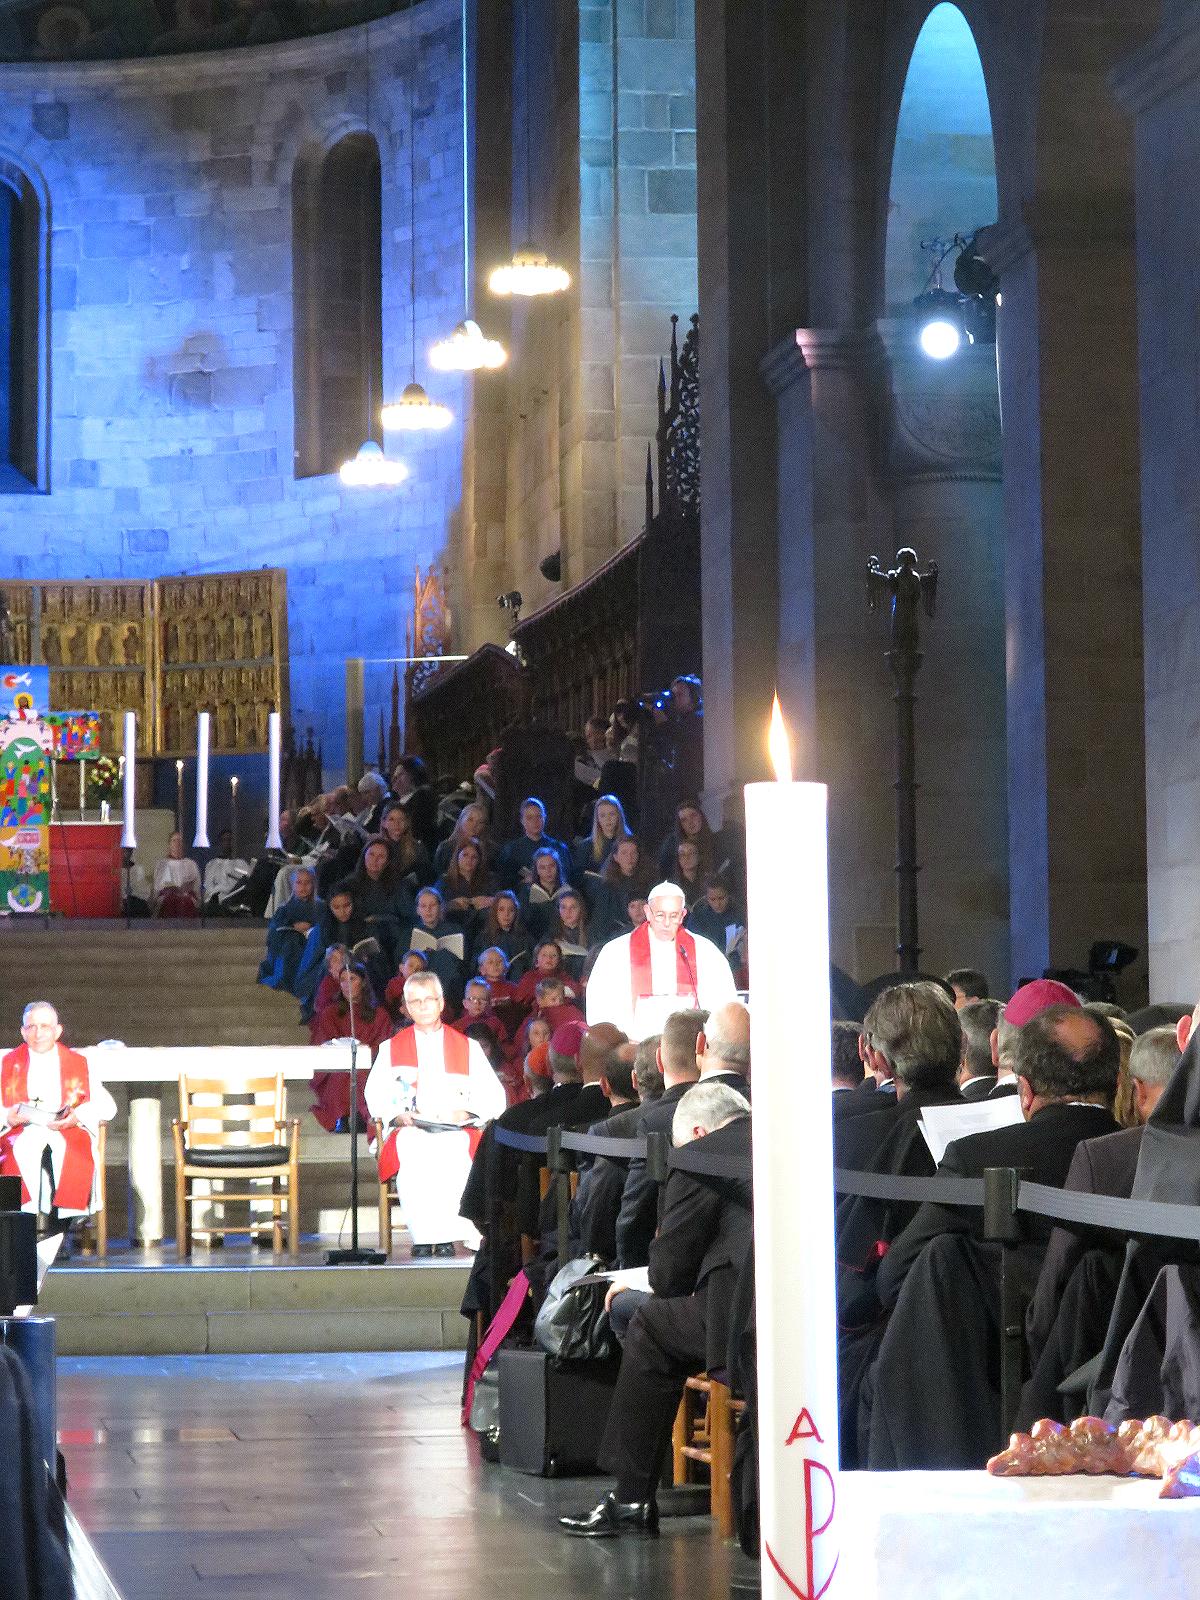 Papst Franziskus bei seiner Ansprache in Lund